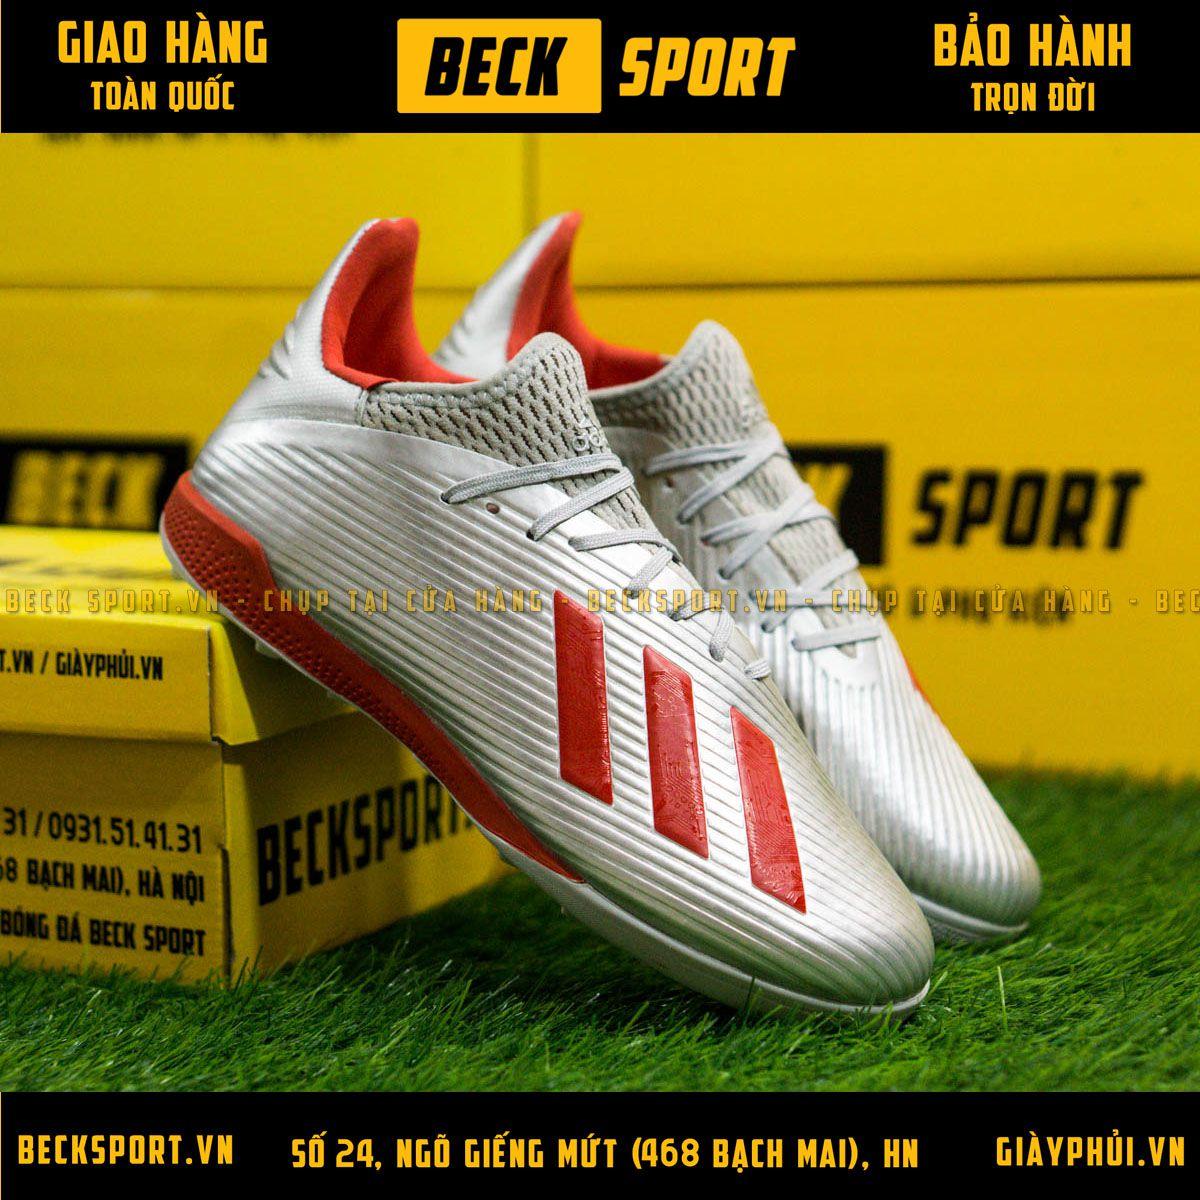 Giày Bóng Đá Adidas X 19.3 Xám Vạch Đỏ Đế Đỏ V2 TF